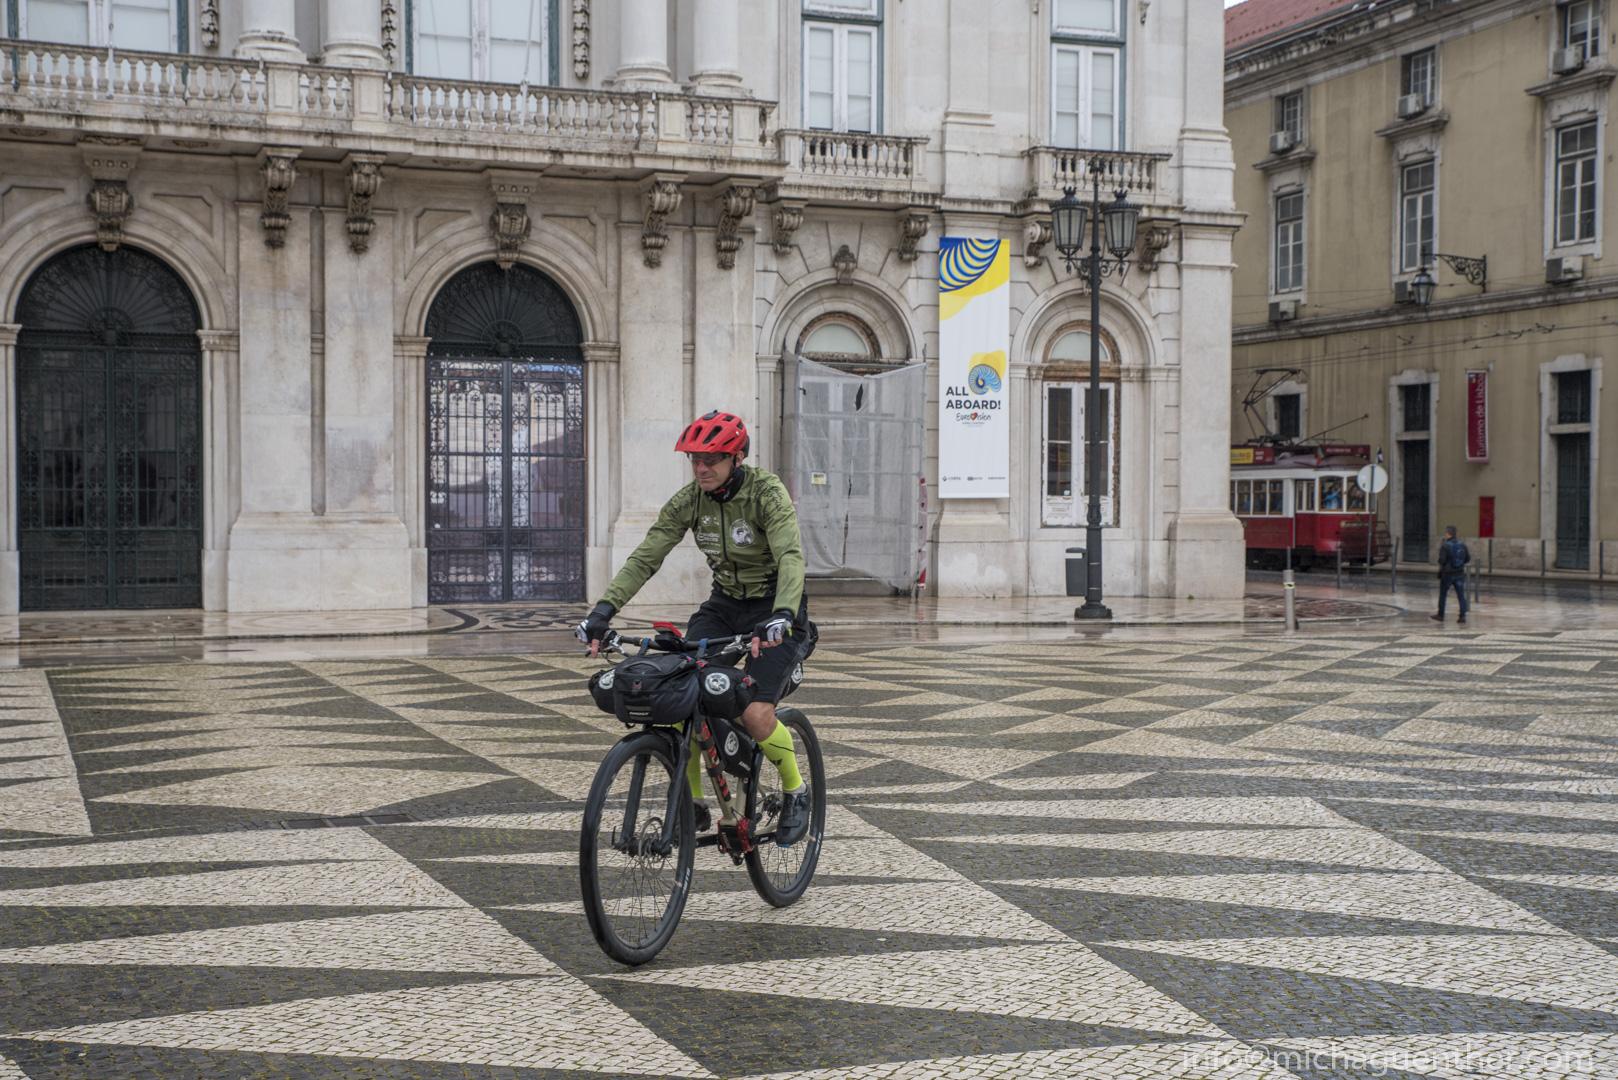 Guido auf dem Praáa do Municipio in Lissabon